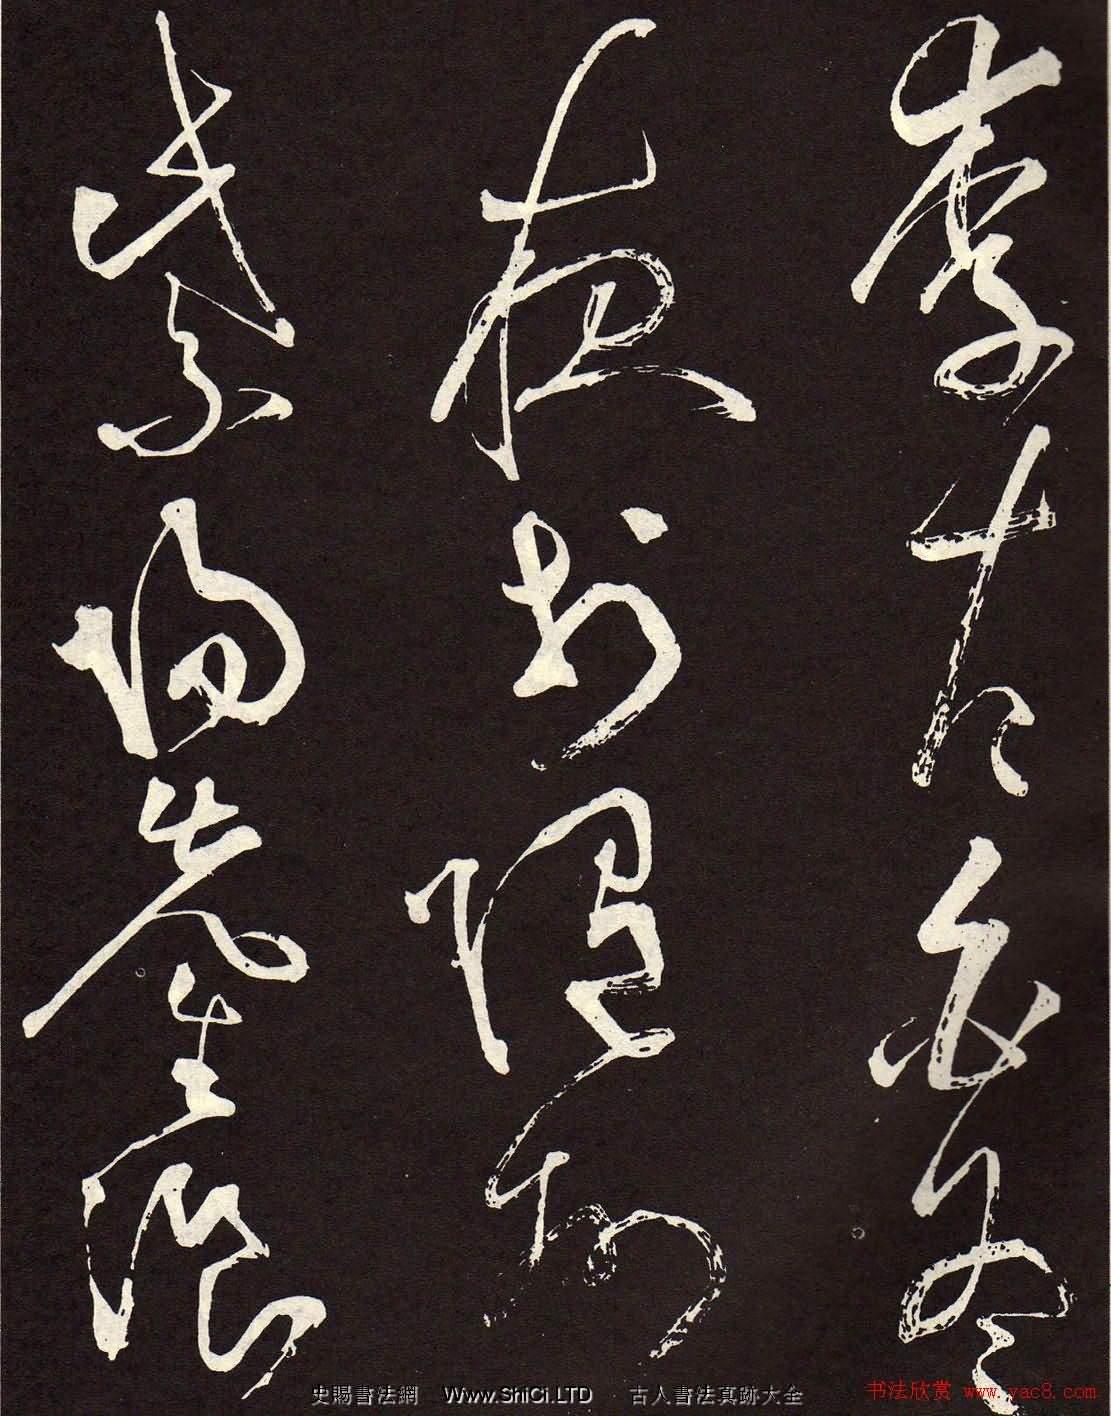 張旭草書《李清蓮序》高清書法圖片真跡欣賞(共26張圖片)